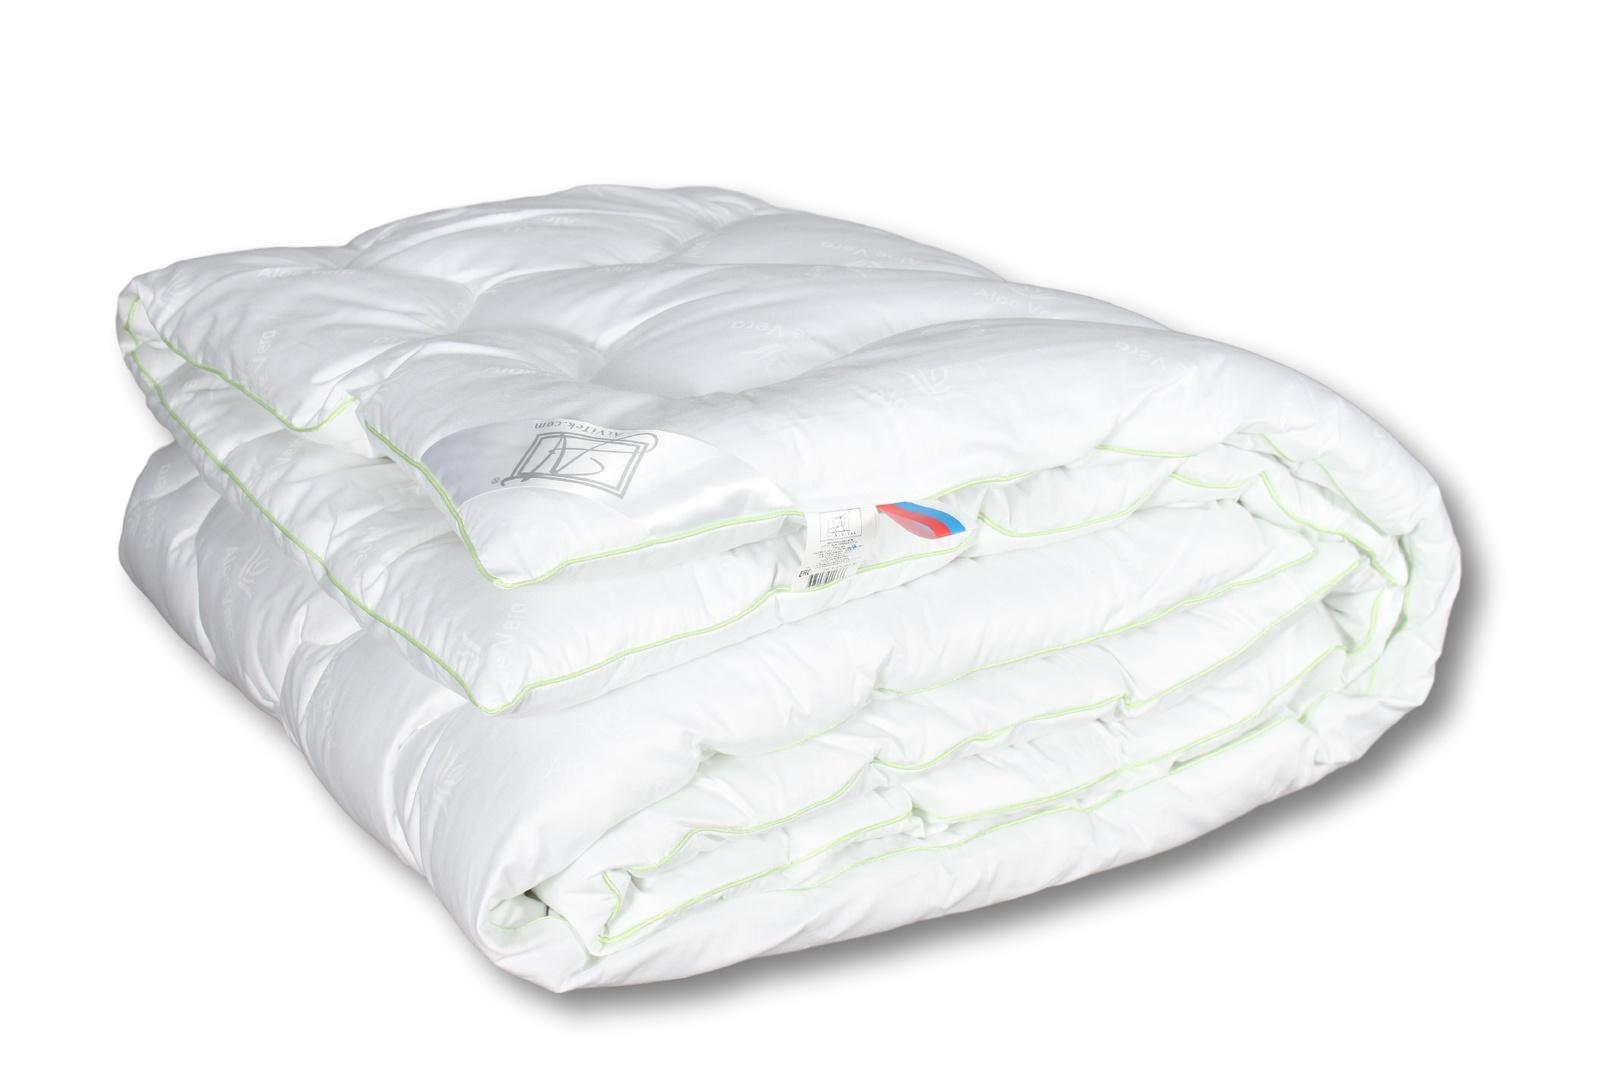 """Одеяло Альвитек """"Алоэ Люкс"""" классическое, размер 140х205"""